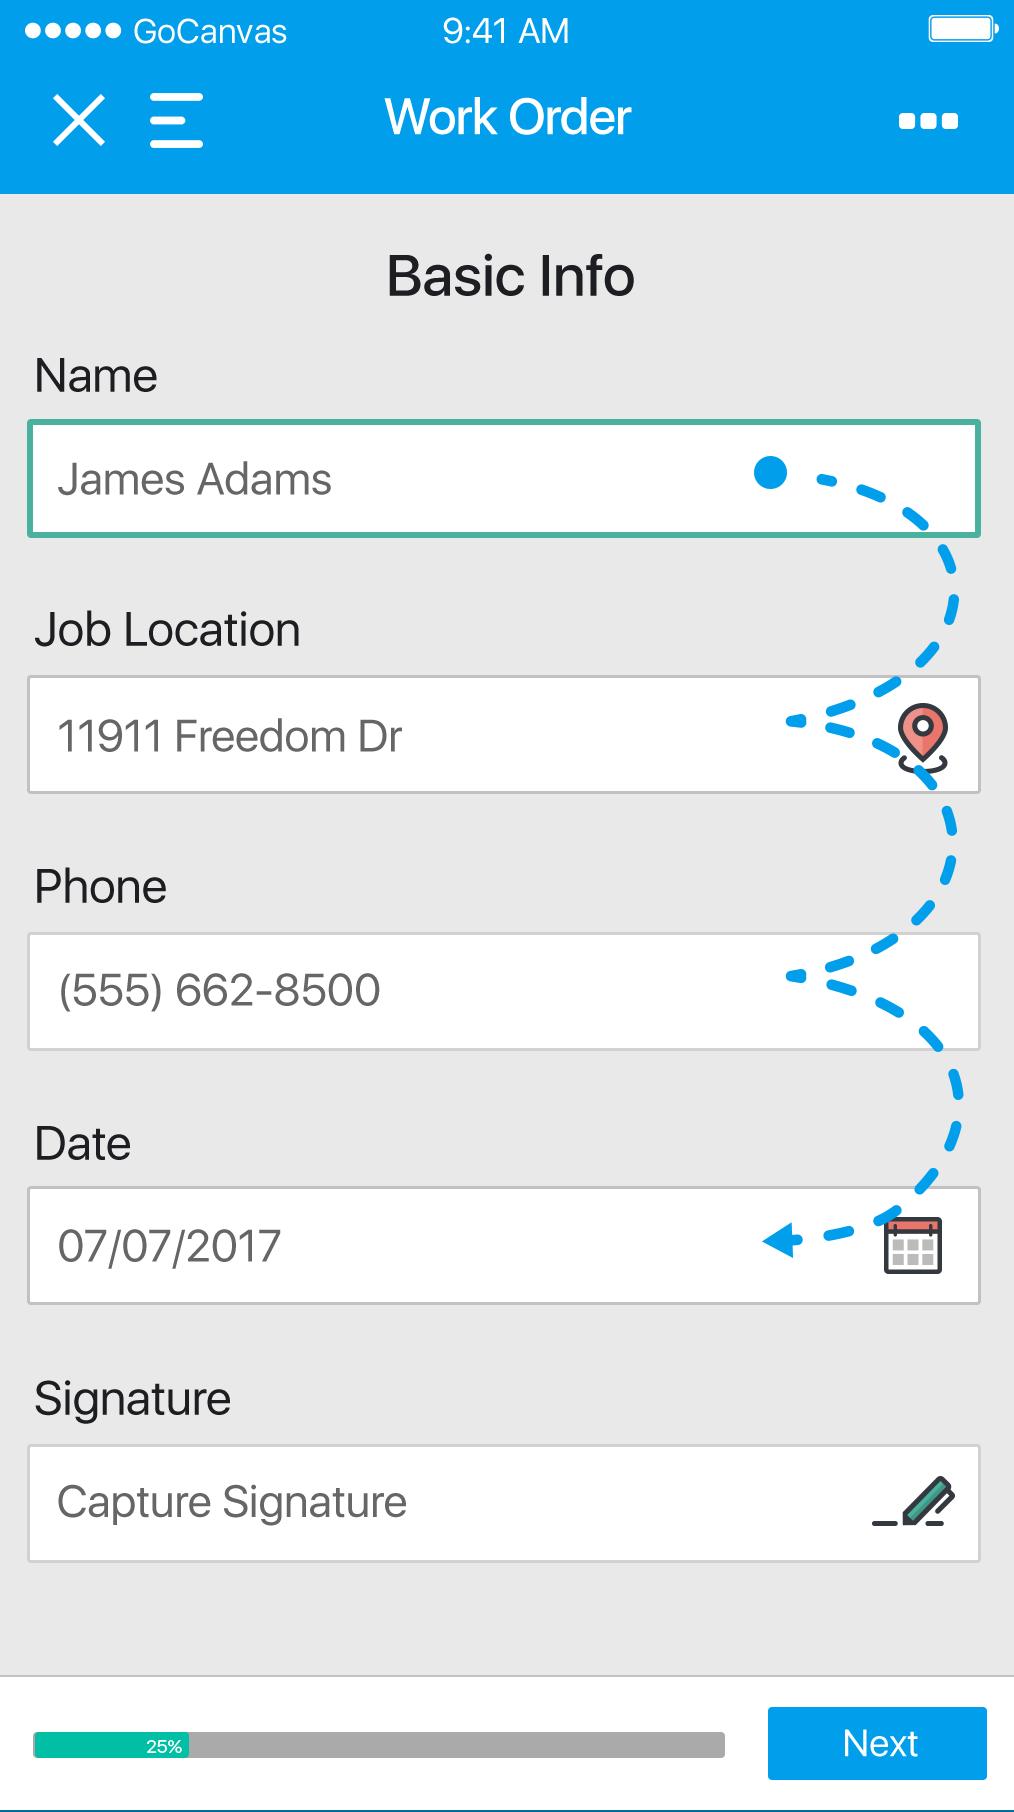 GoCanvas Software - GoCanvas work order basic information